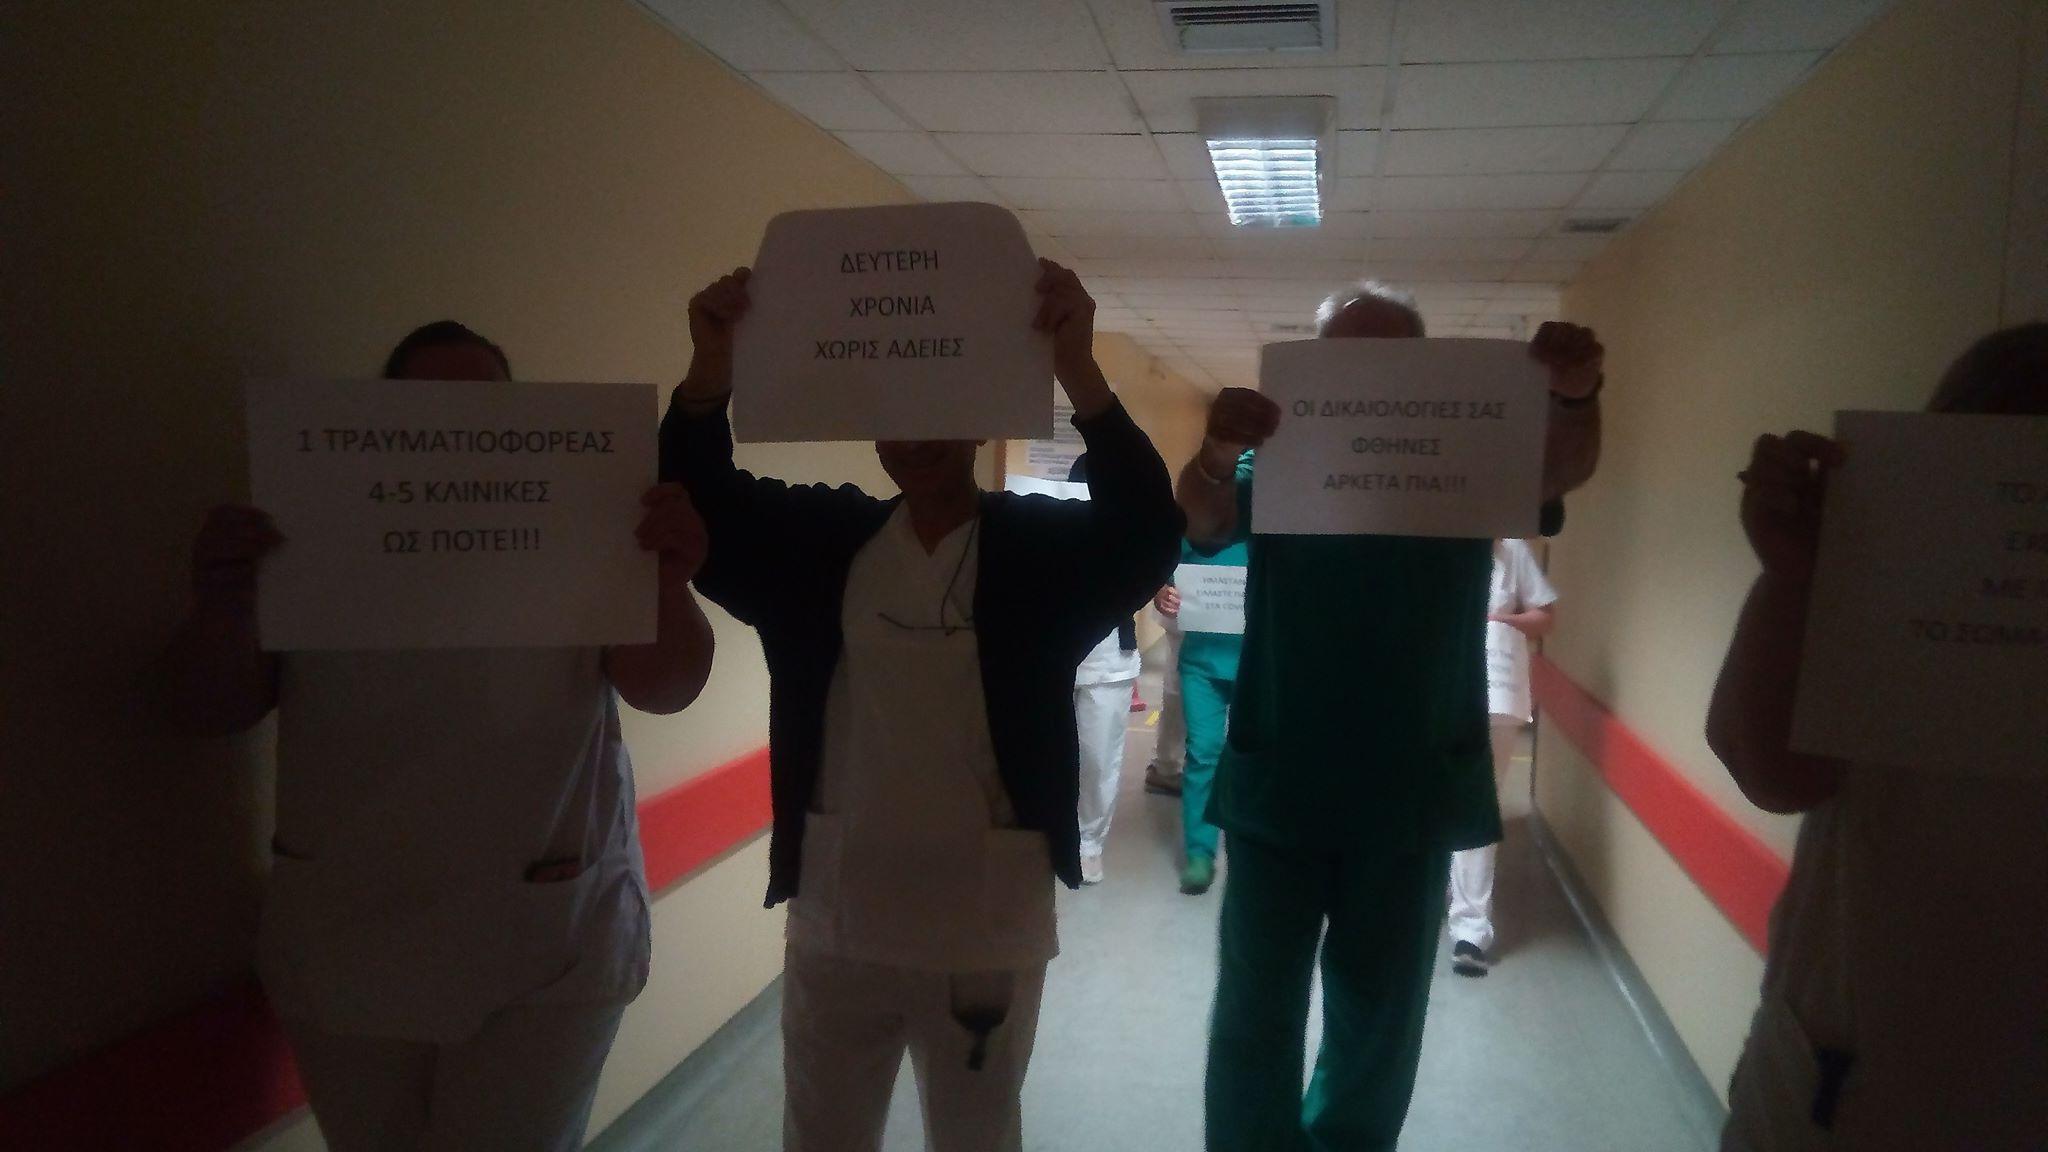 Σιωπηρή διαμαρτυρία πραγματοποίησαν οι τραυματιοφορείς του Πανεπιστημιακού Νοσοκομείου Λάρισας (φωτο - βίντεο)